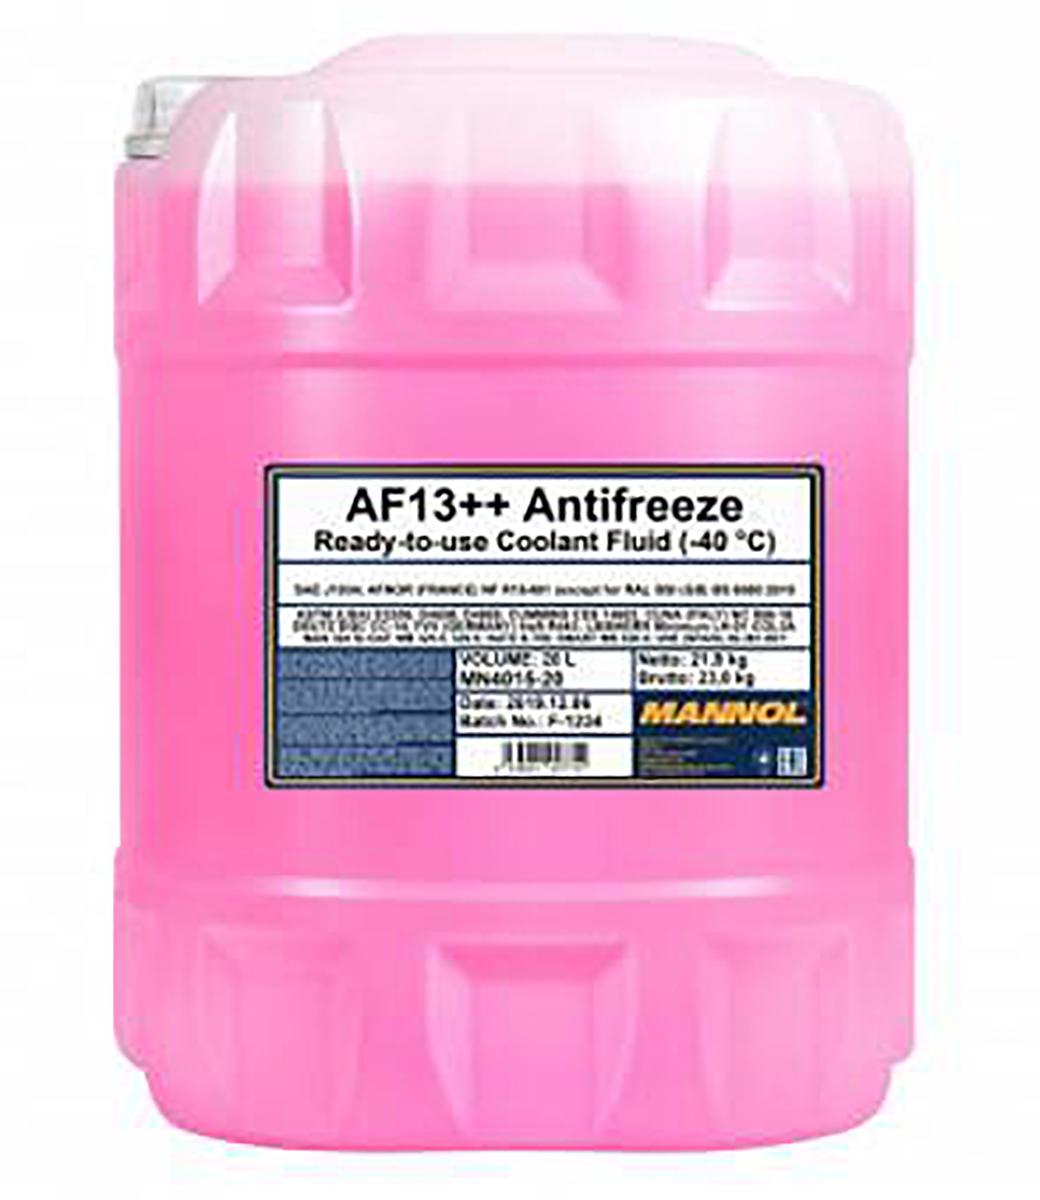 Antifreeze AF13++ (-40)